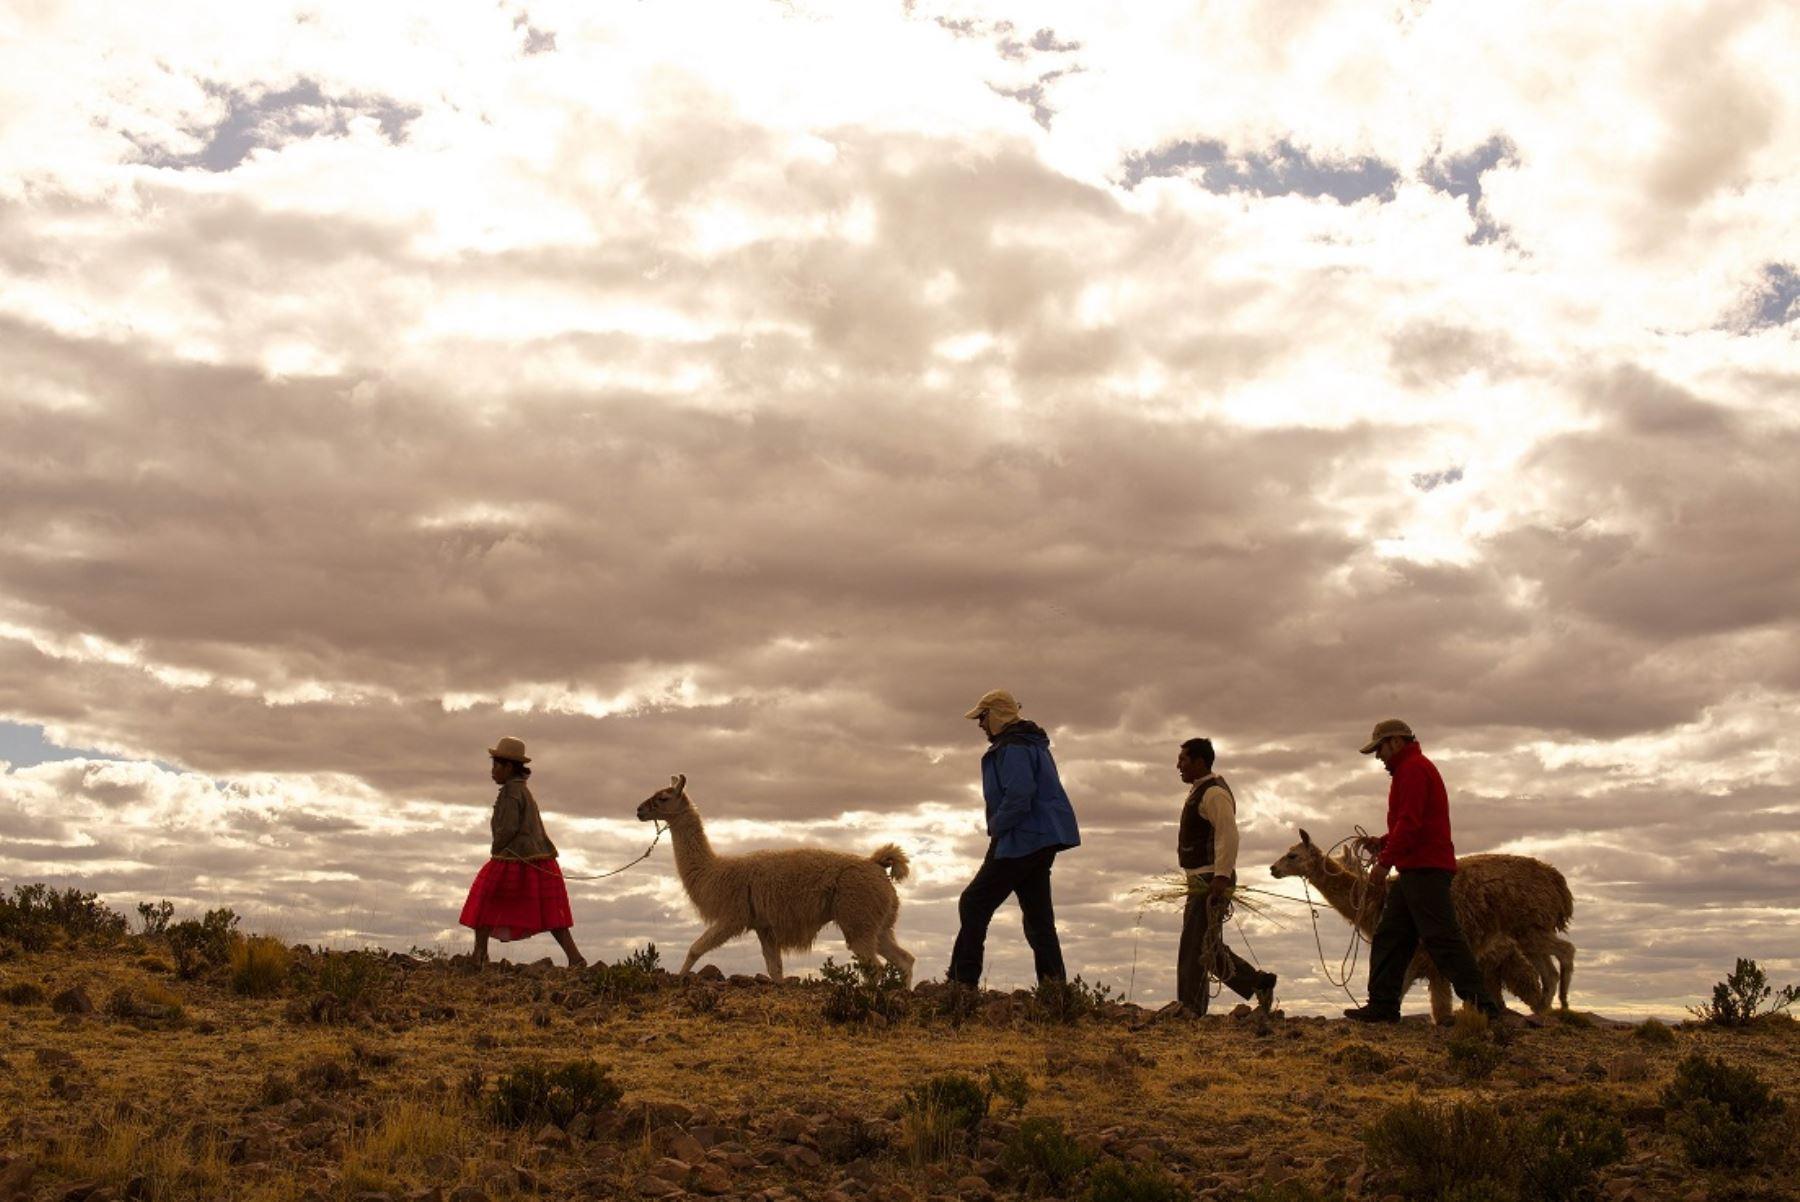 Turismo rural comunitario en Puno. FOTO: Mincetur